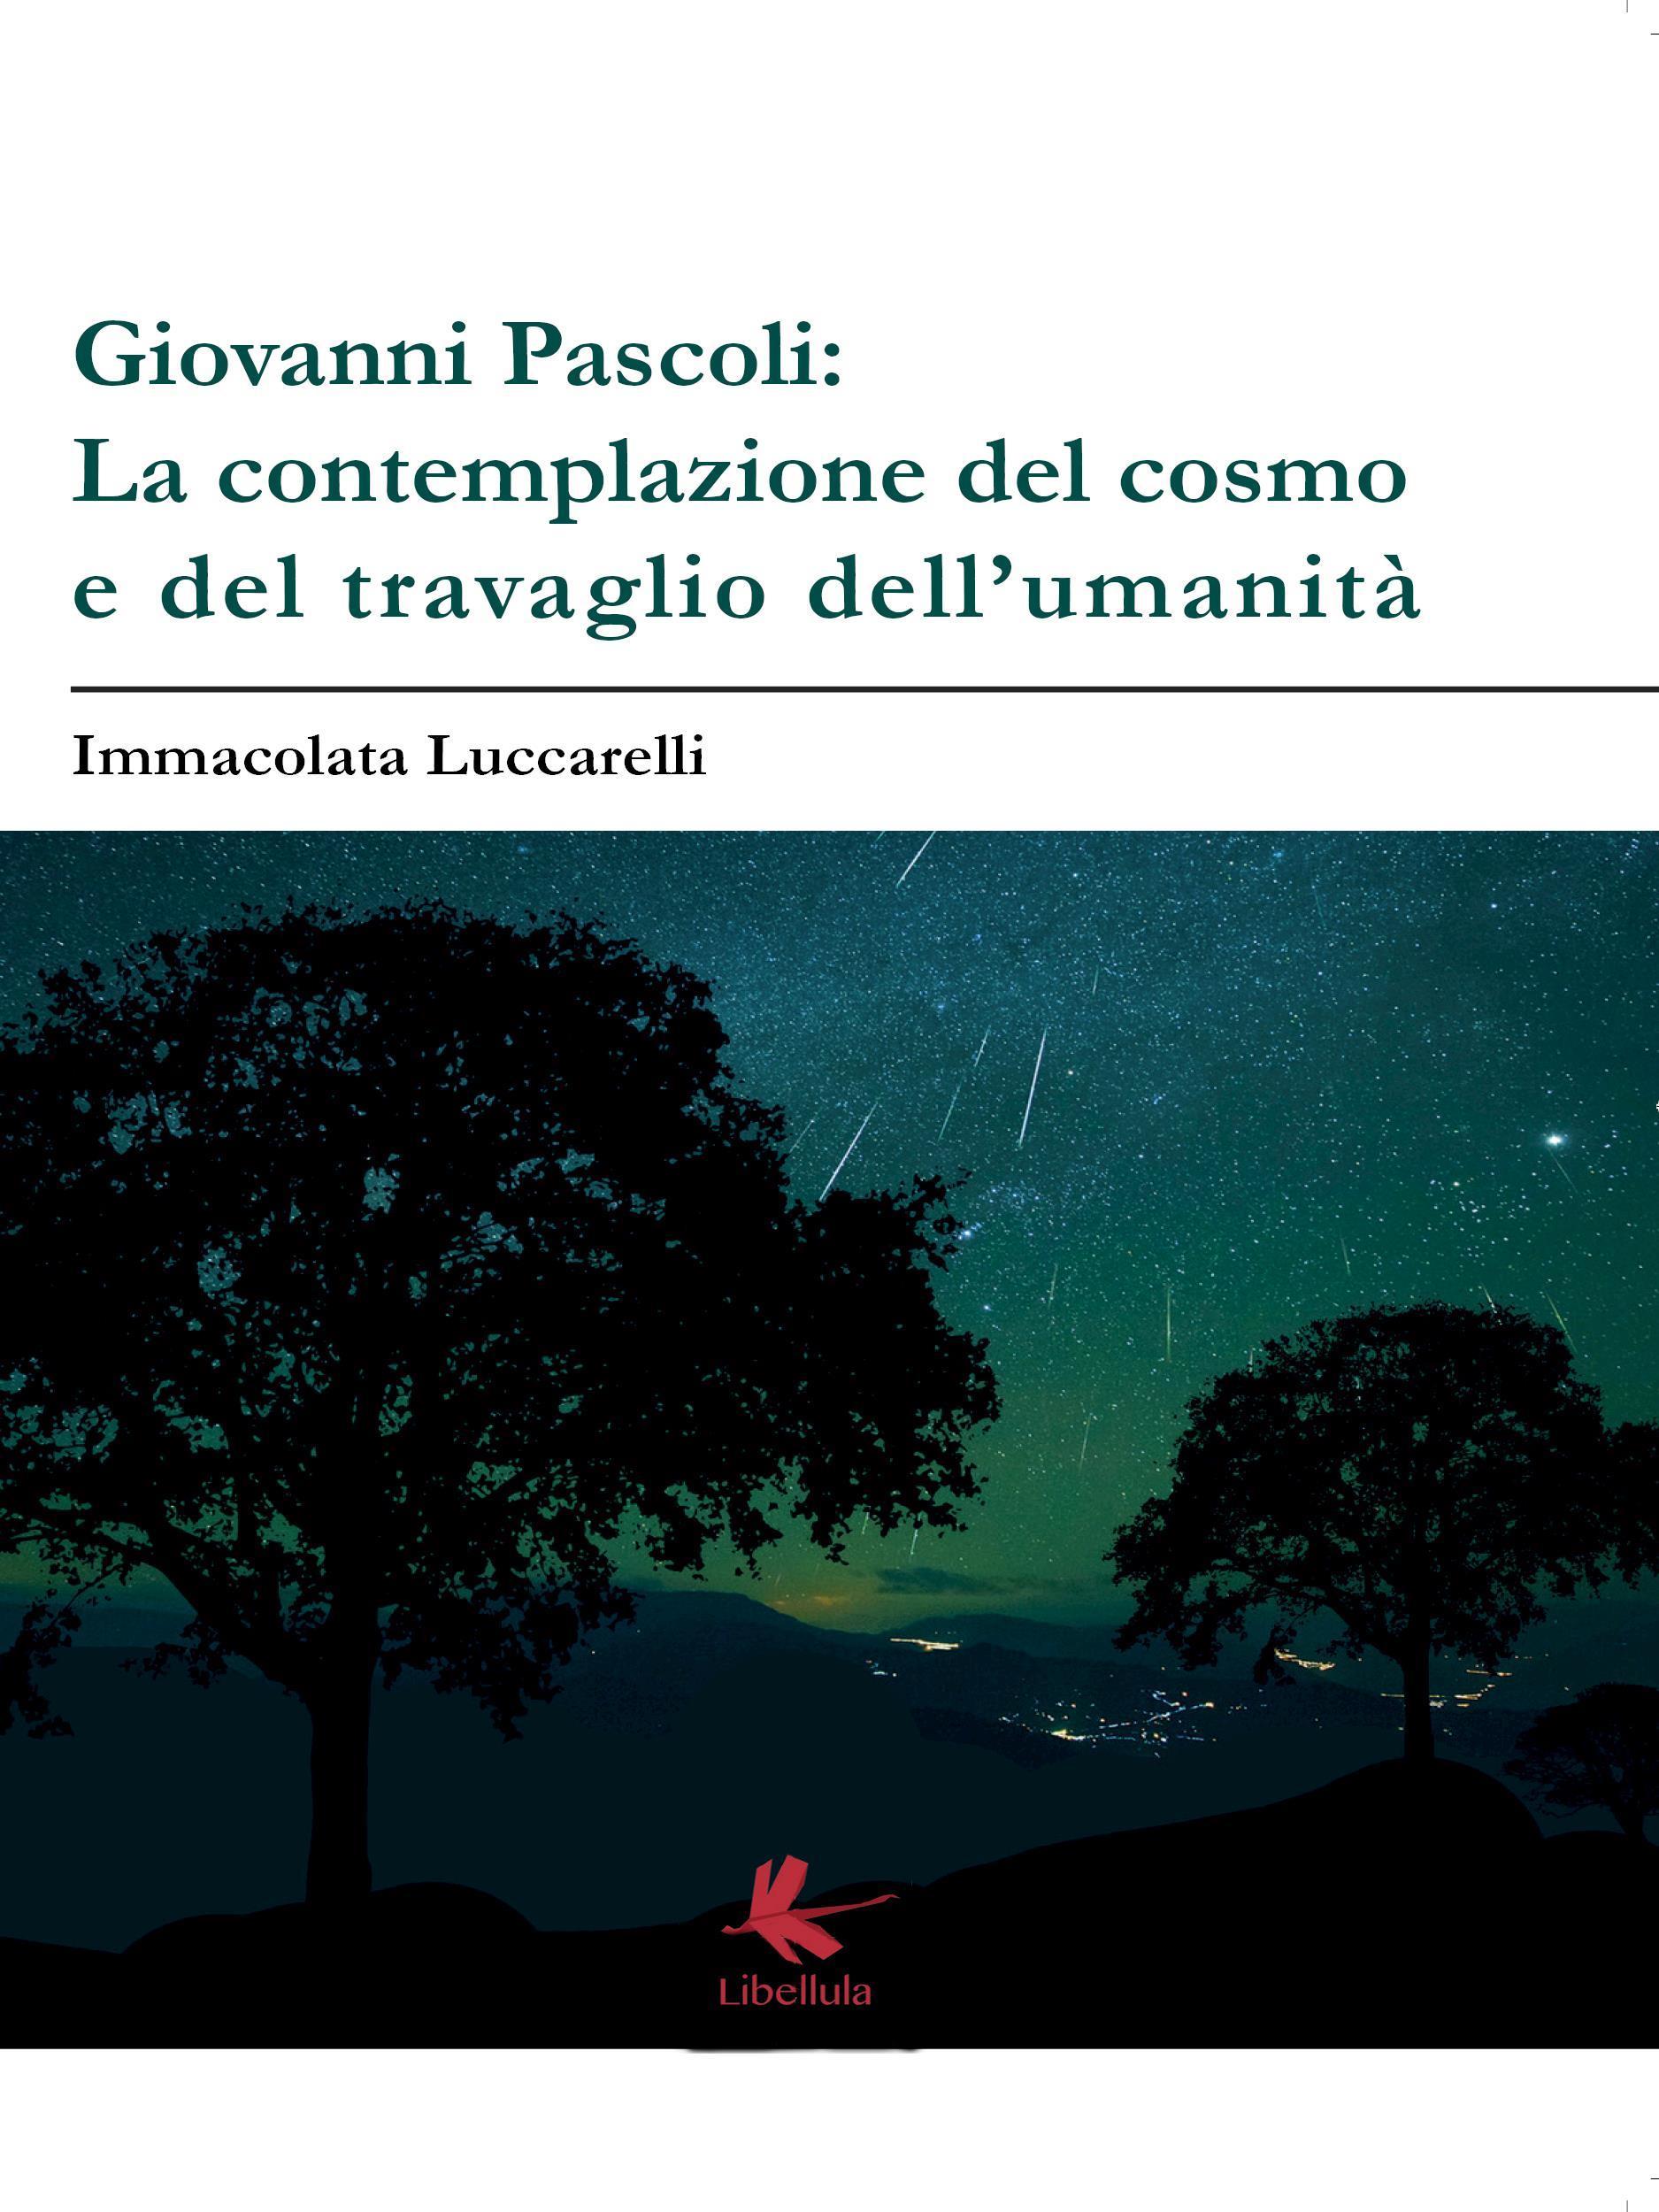 Giovanni Pascoli: LA CONTEMPLAZIONE DEL COSMO E DEL TRAVAGLIO DELL'UMANITA'